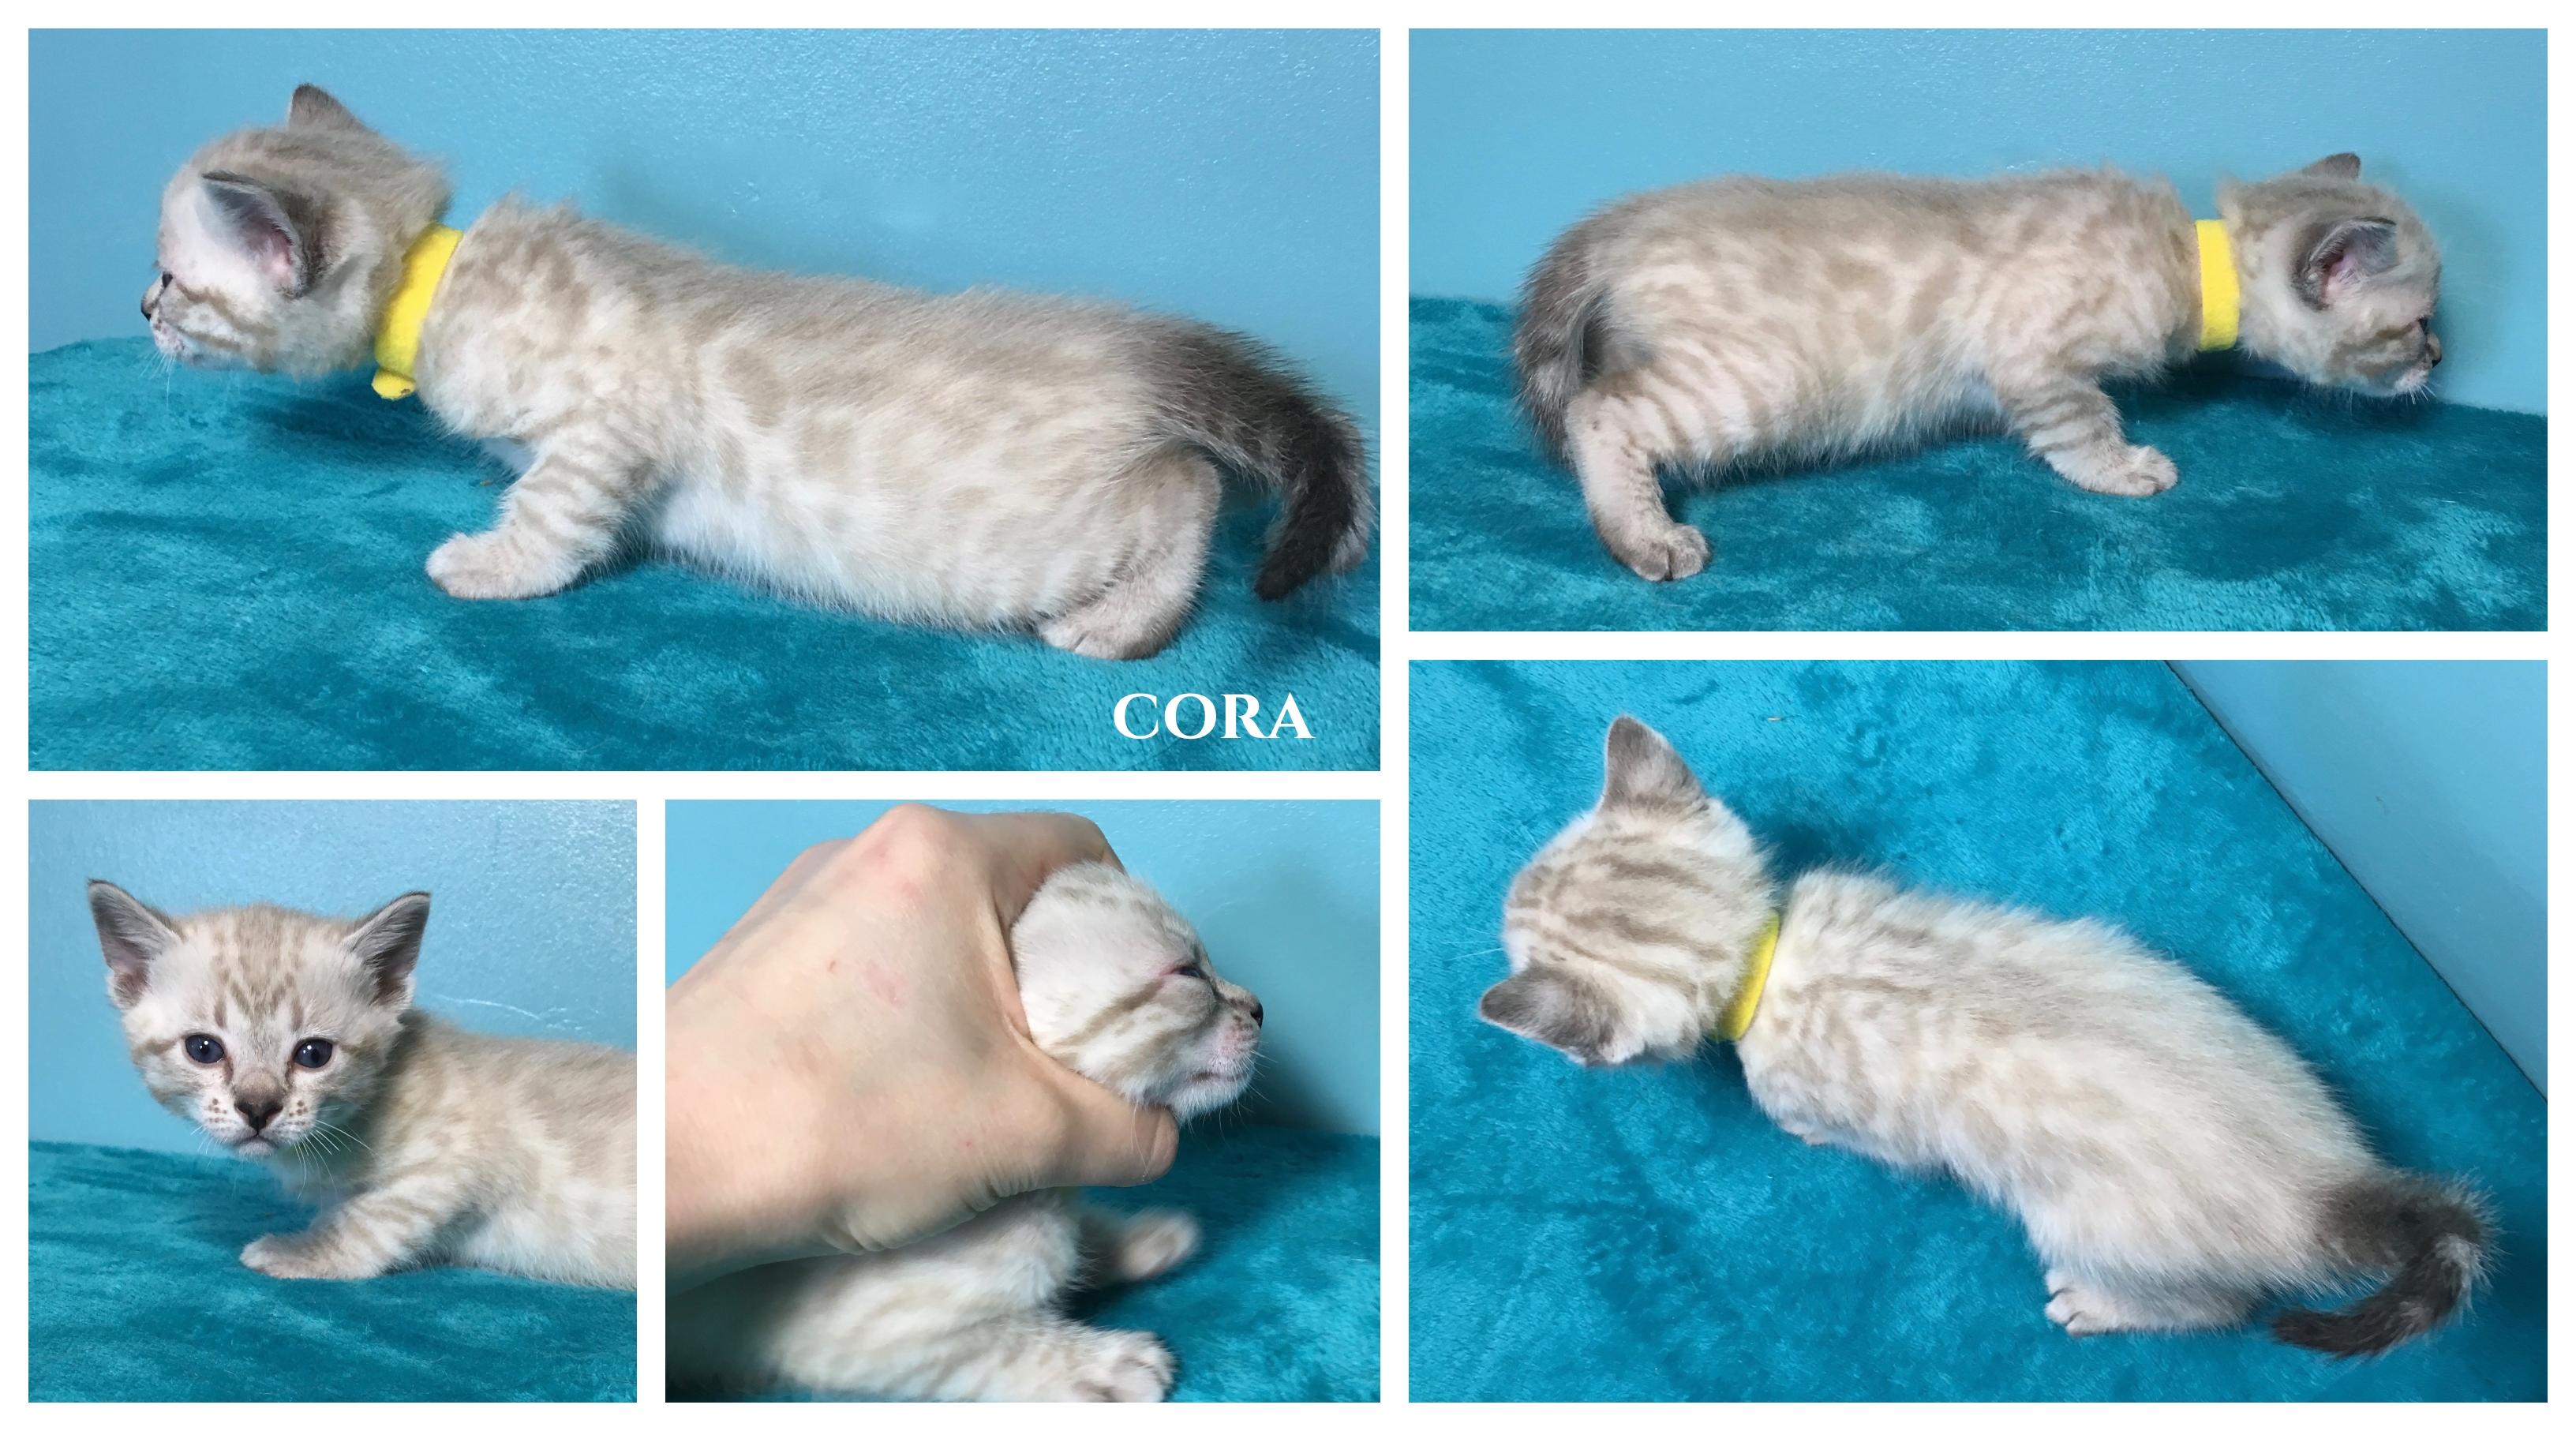 Cora 4 weeks